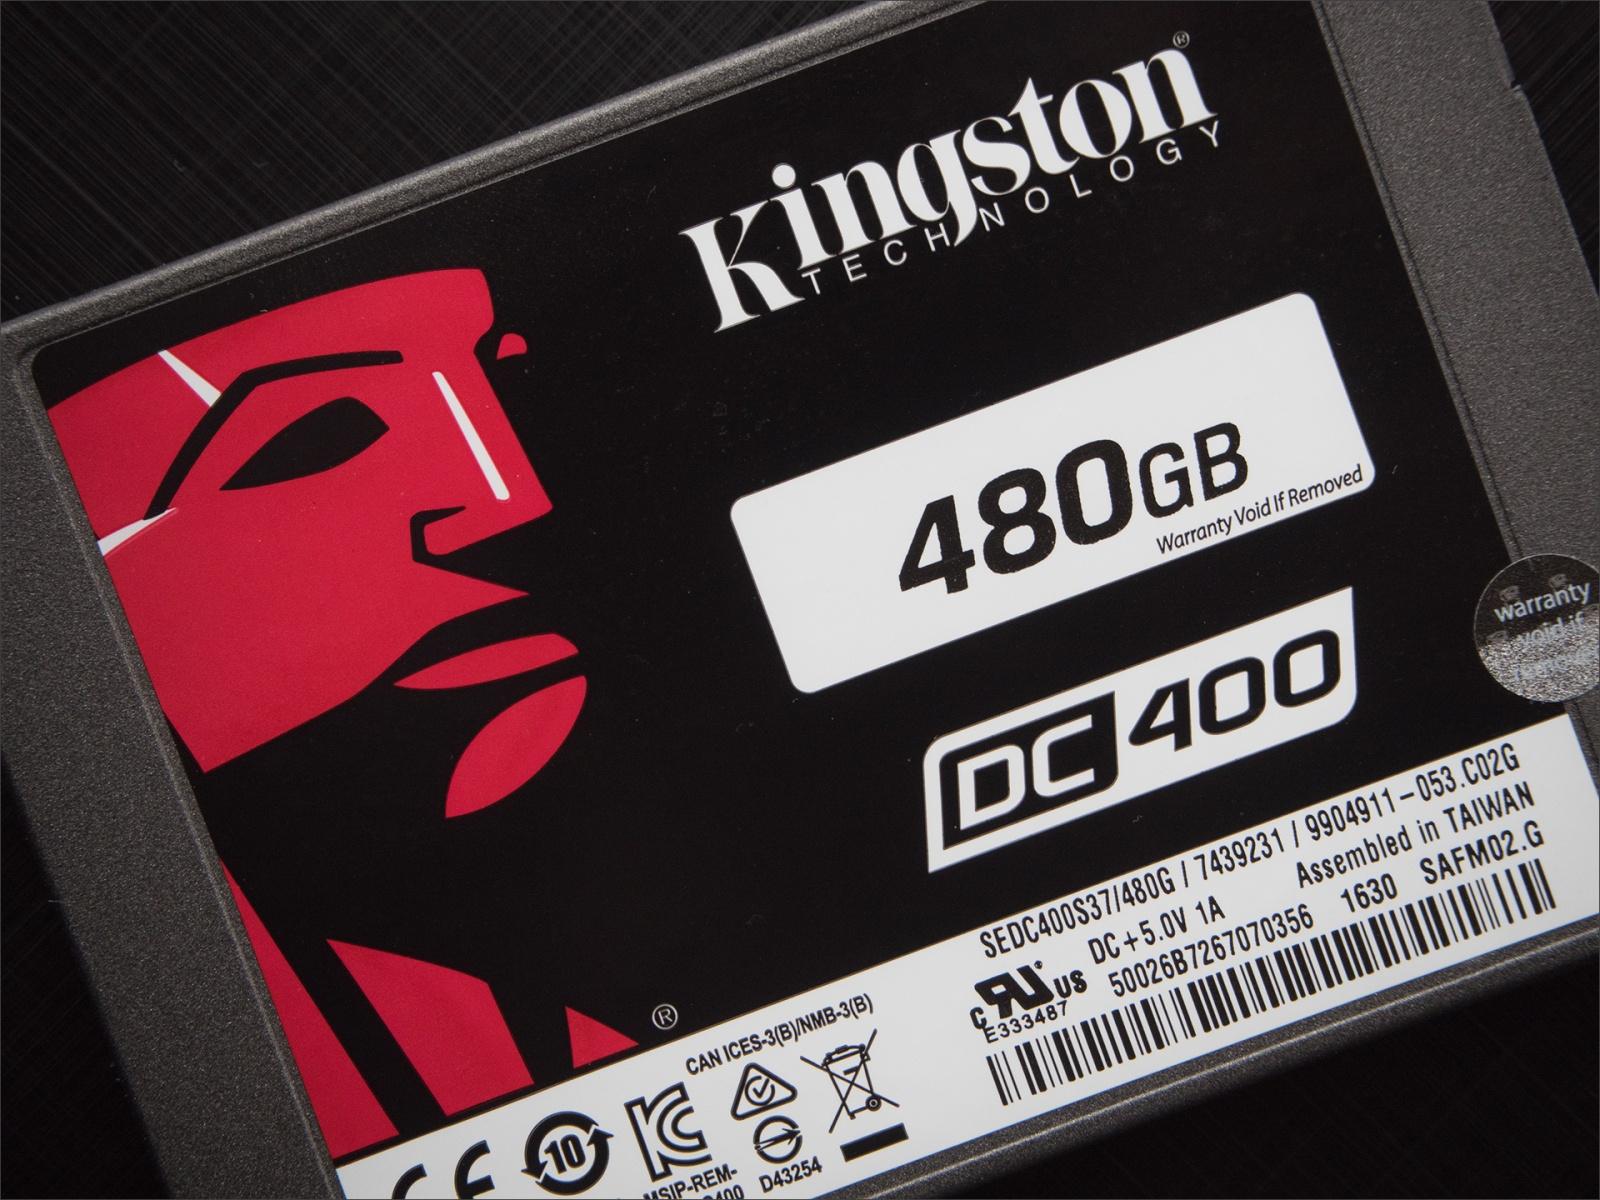 Kingston DC400: вместительные SSD за разумные деньги - 1